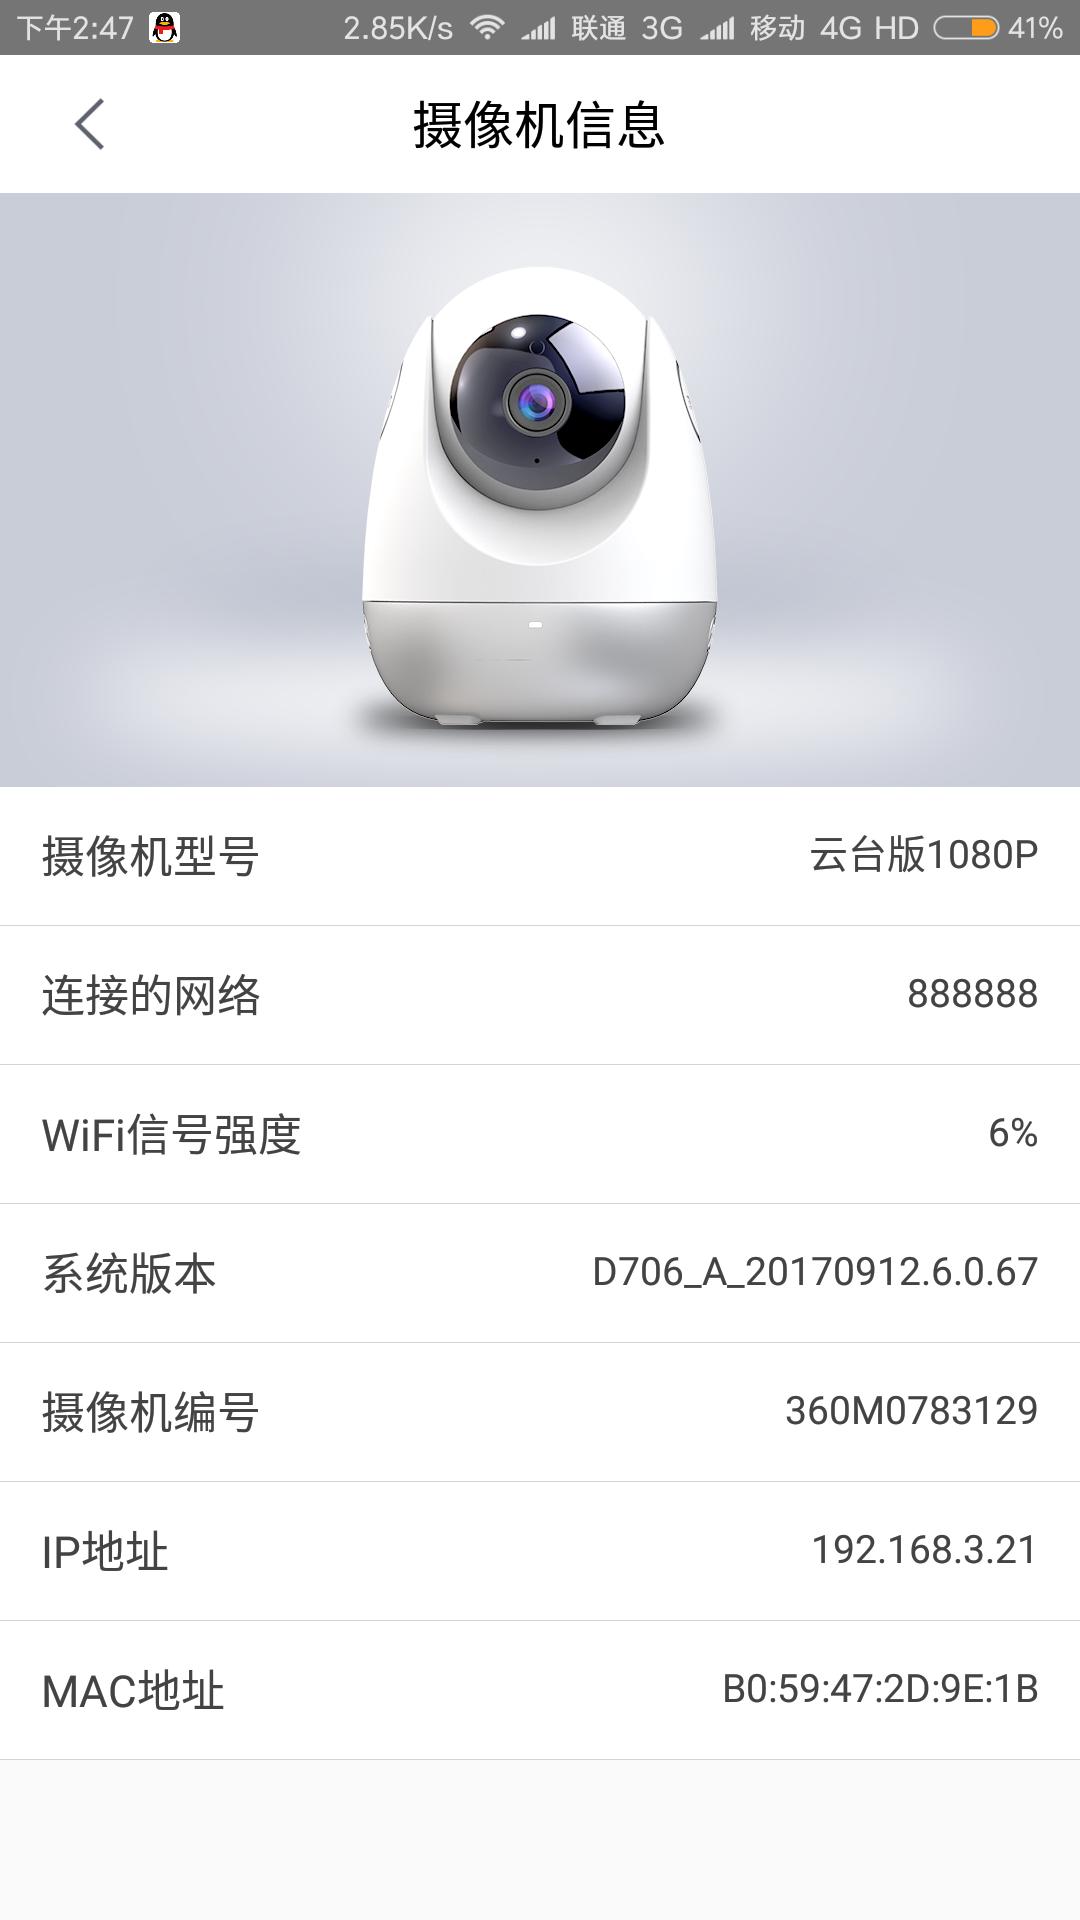 Screenshot_2017-12-06-14-47-33-270_com.qihoo.camera.png